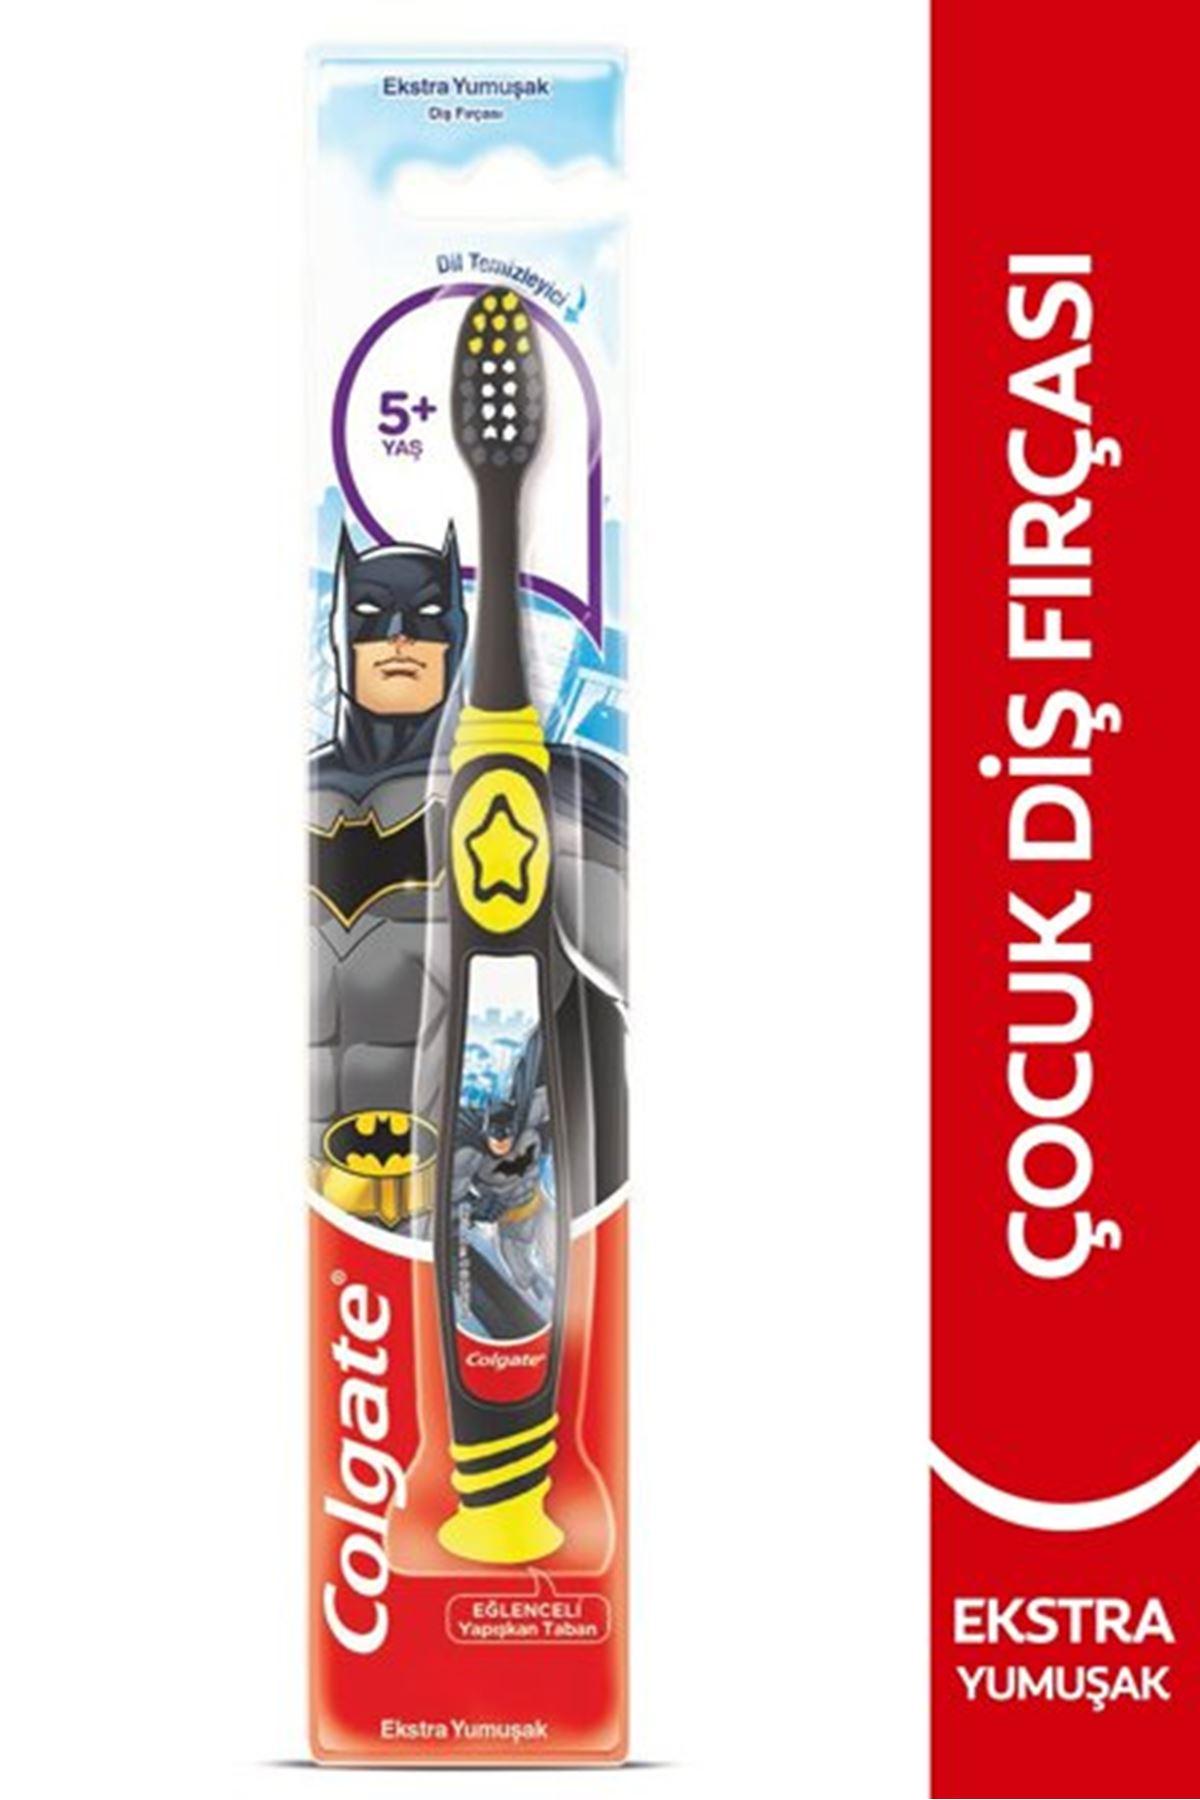 Colgate Batman 5+yaş Ekstra Yumuşak Çocuk Diş Fırçası